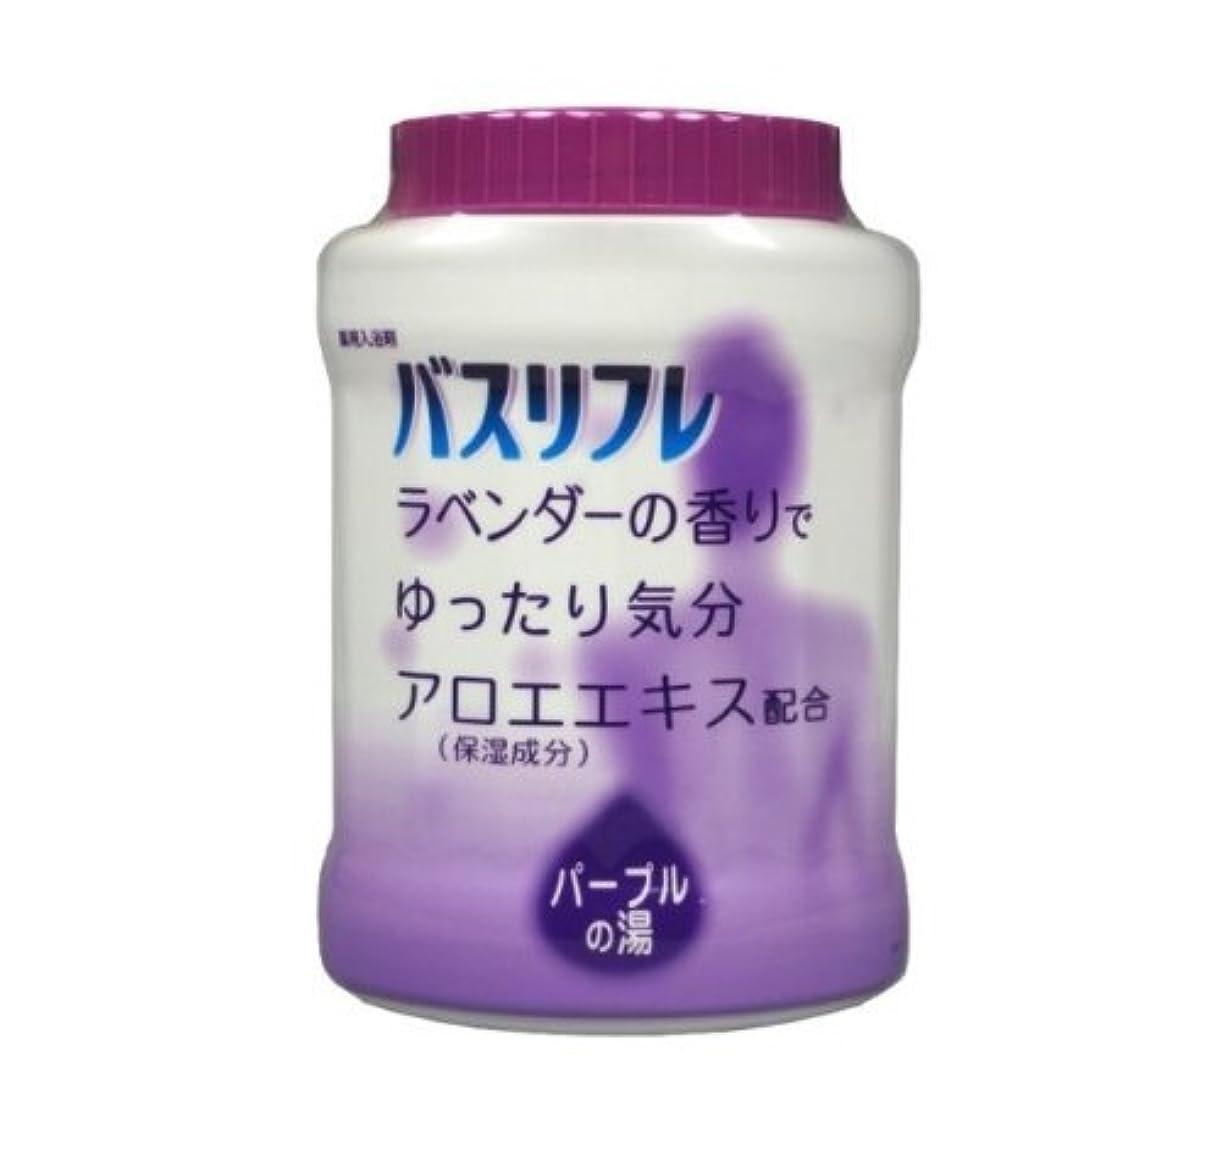 言い換えると脅かす現在バスリフレ 薬用入浴剤 ラベンダーの香り 680G Japan